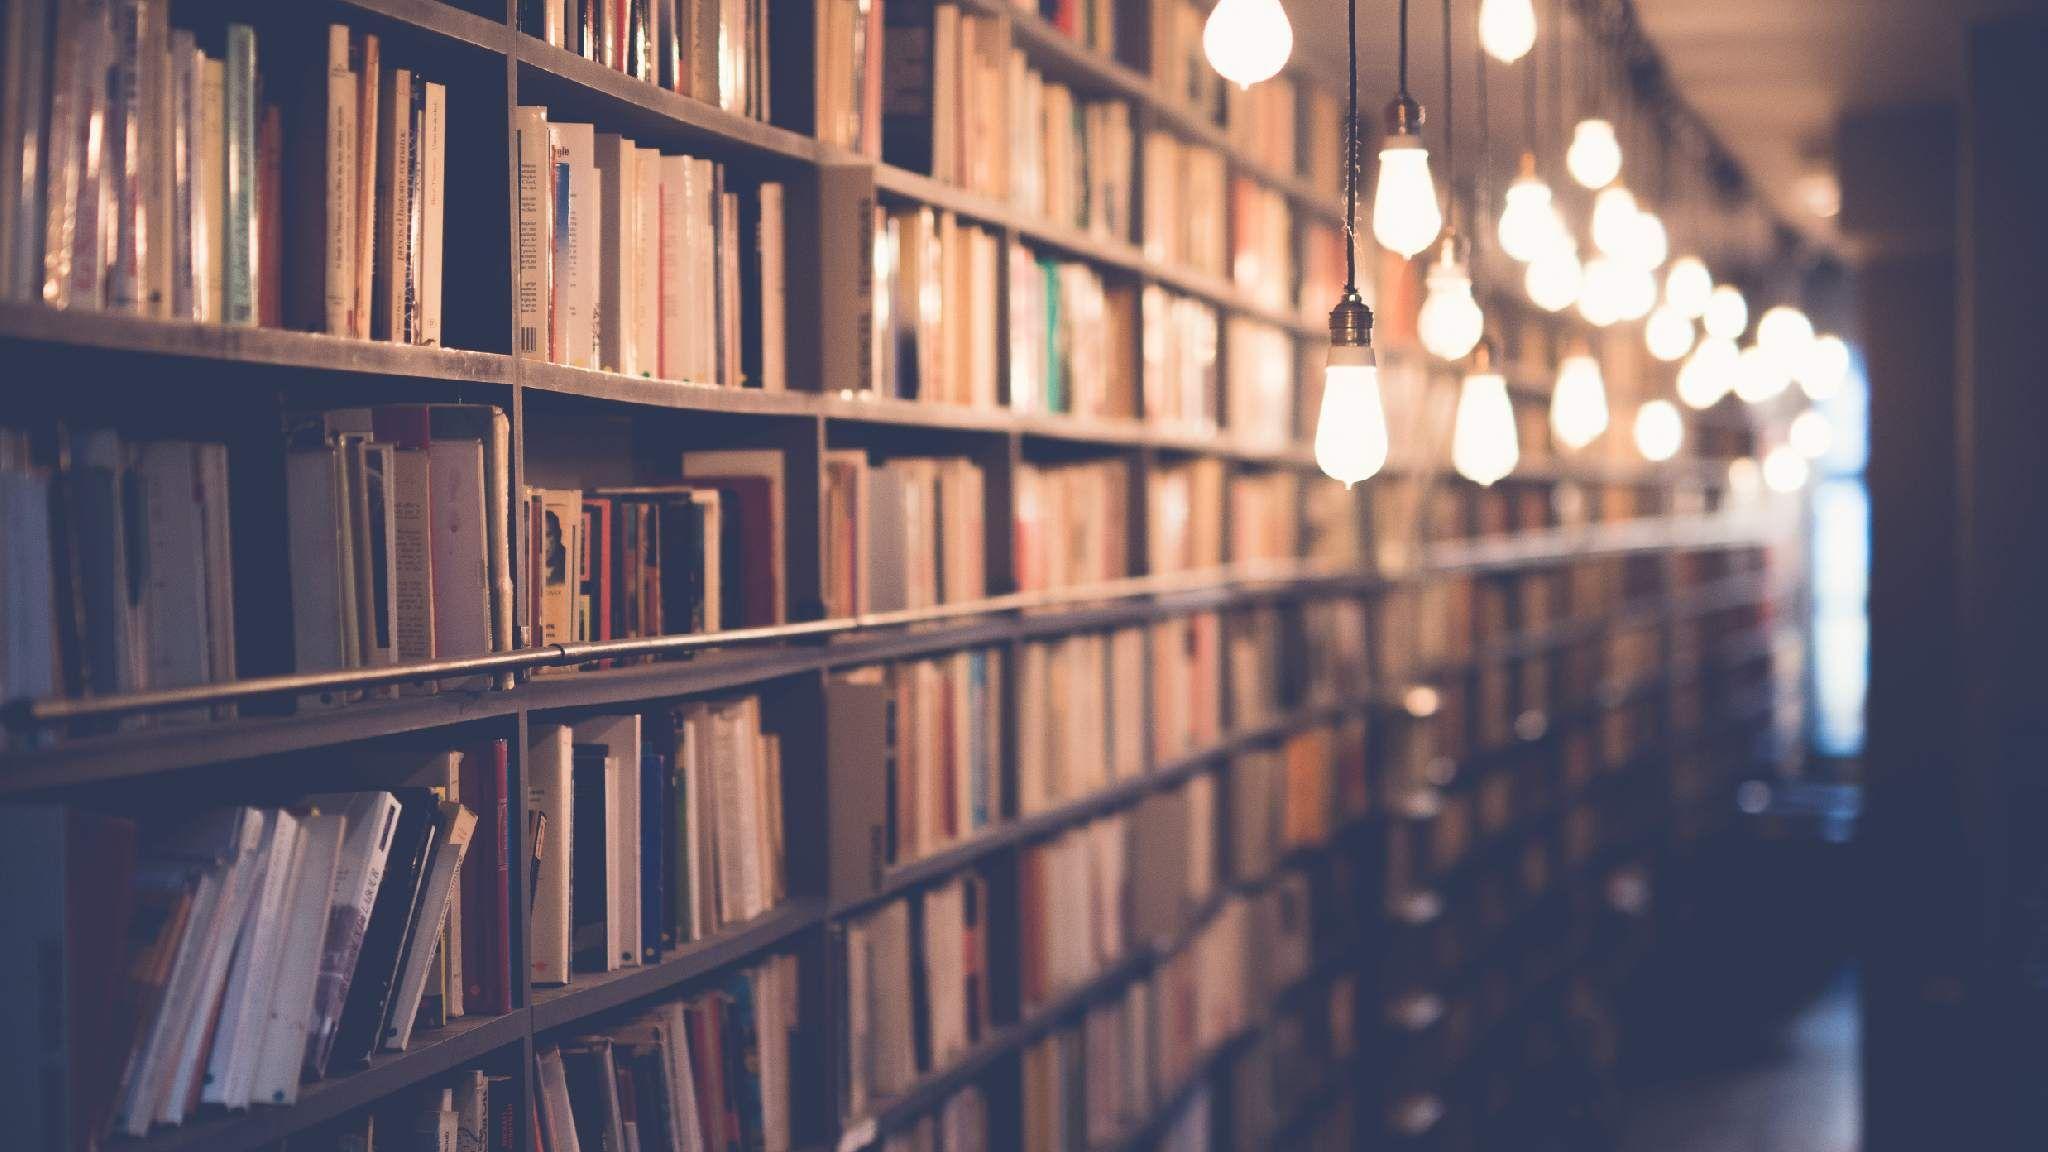 Bordentown 20s/30s Ladies Book Club